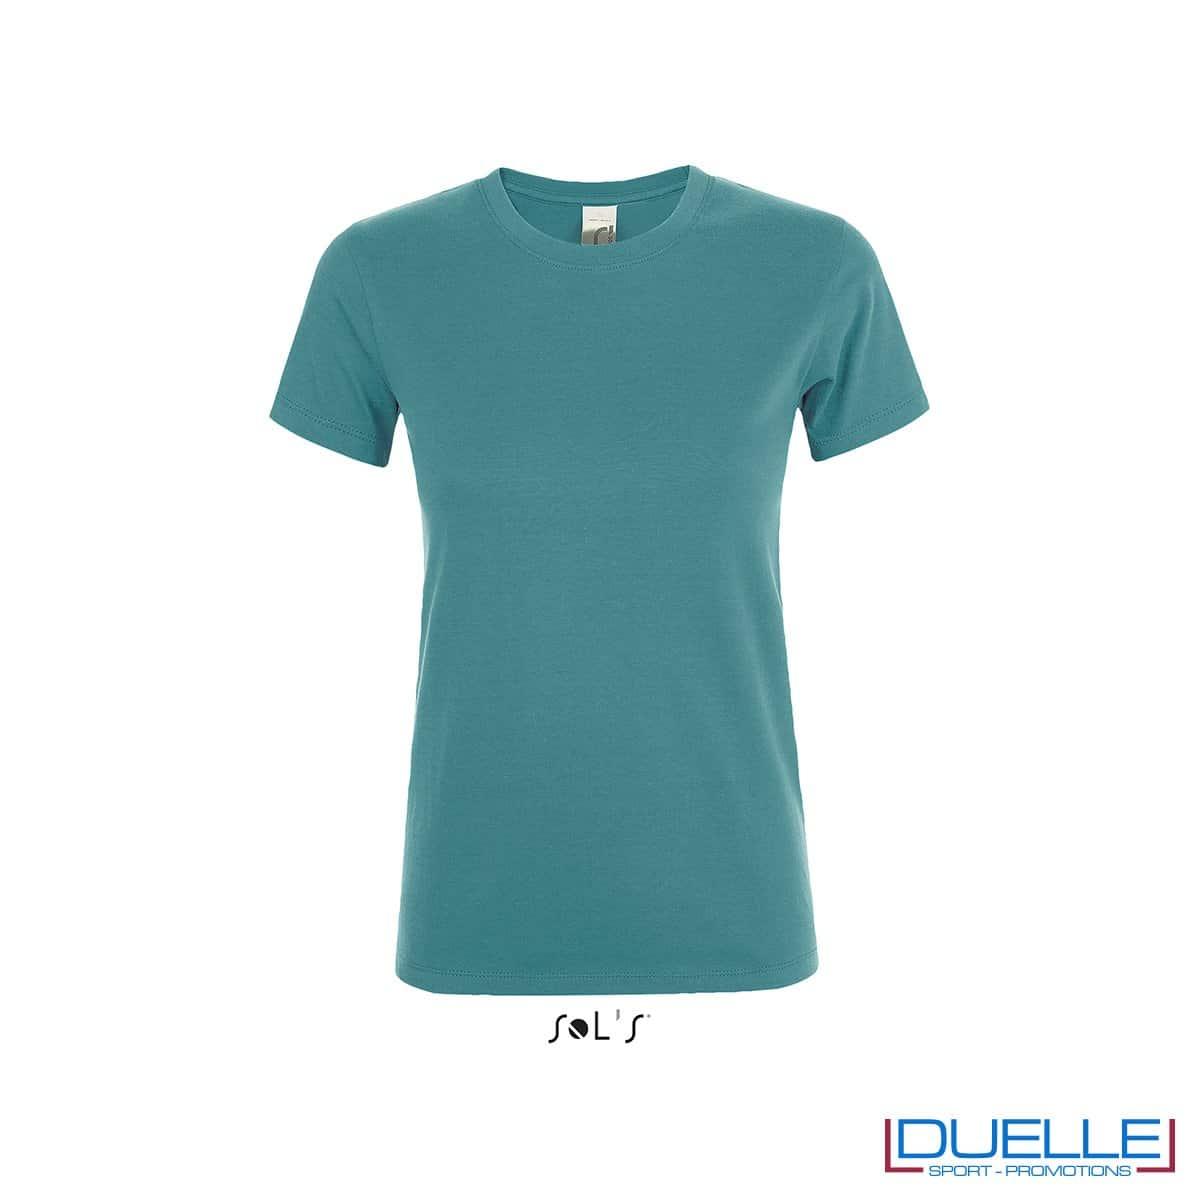 T-shirt girocollo donna personalizzata colore blu anatra